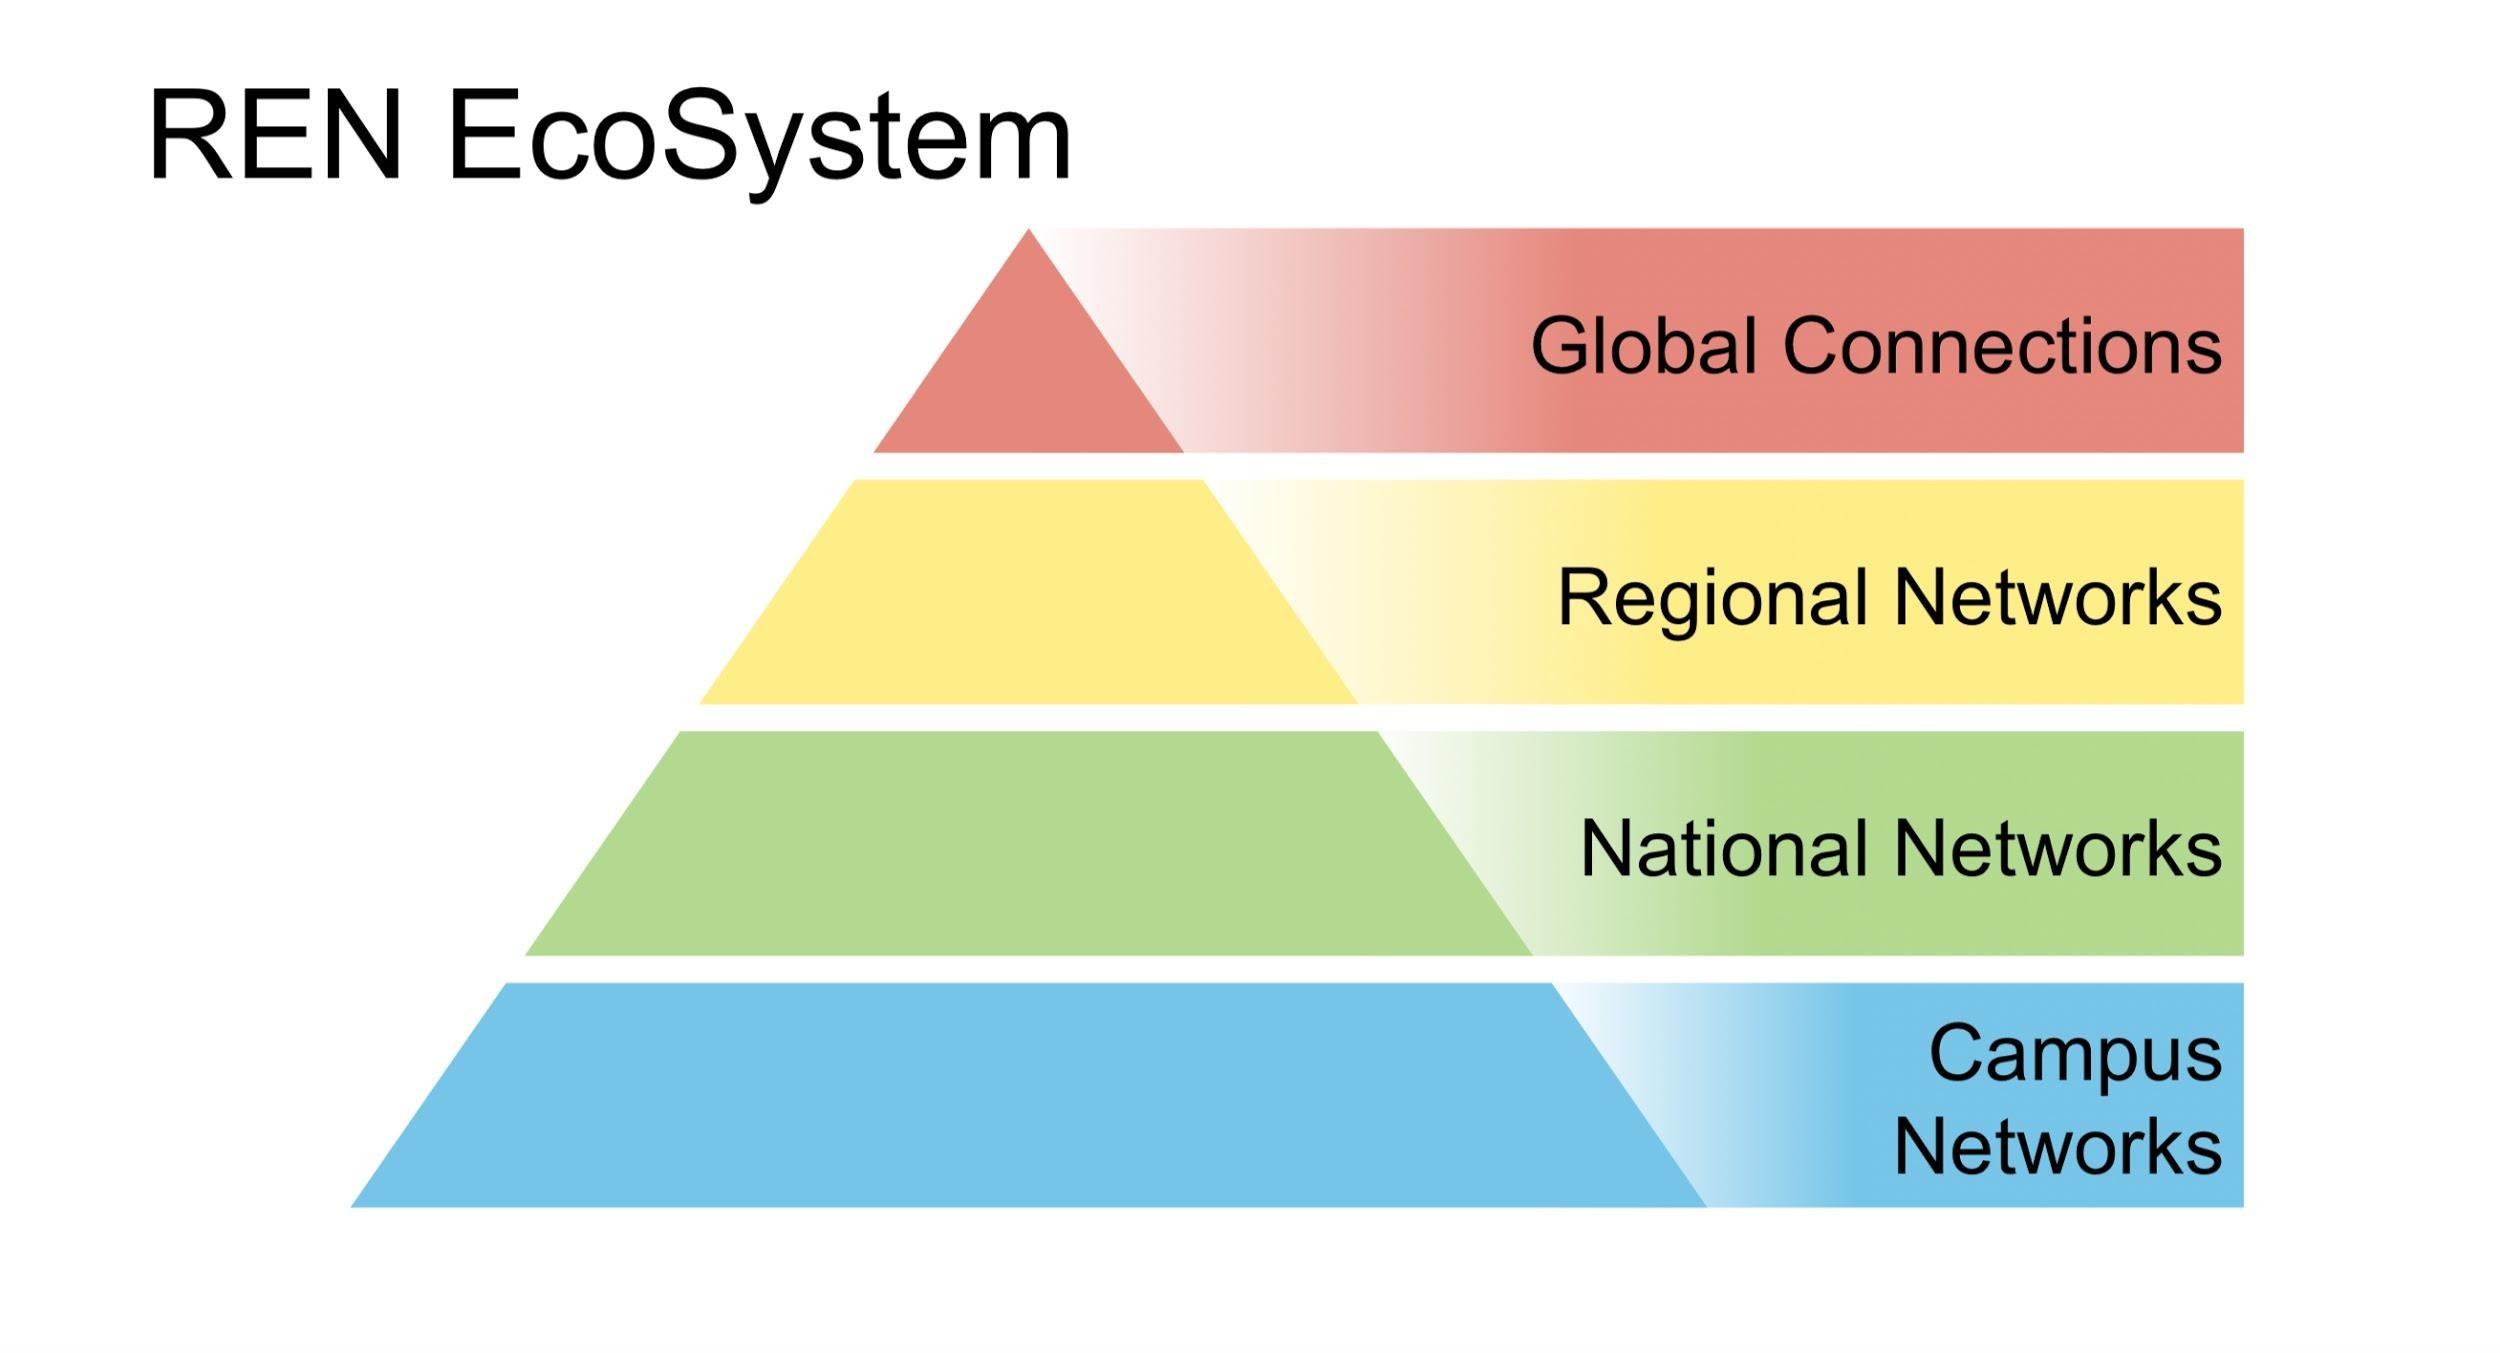 ren-ecosystem